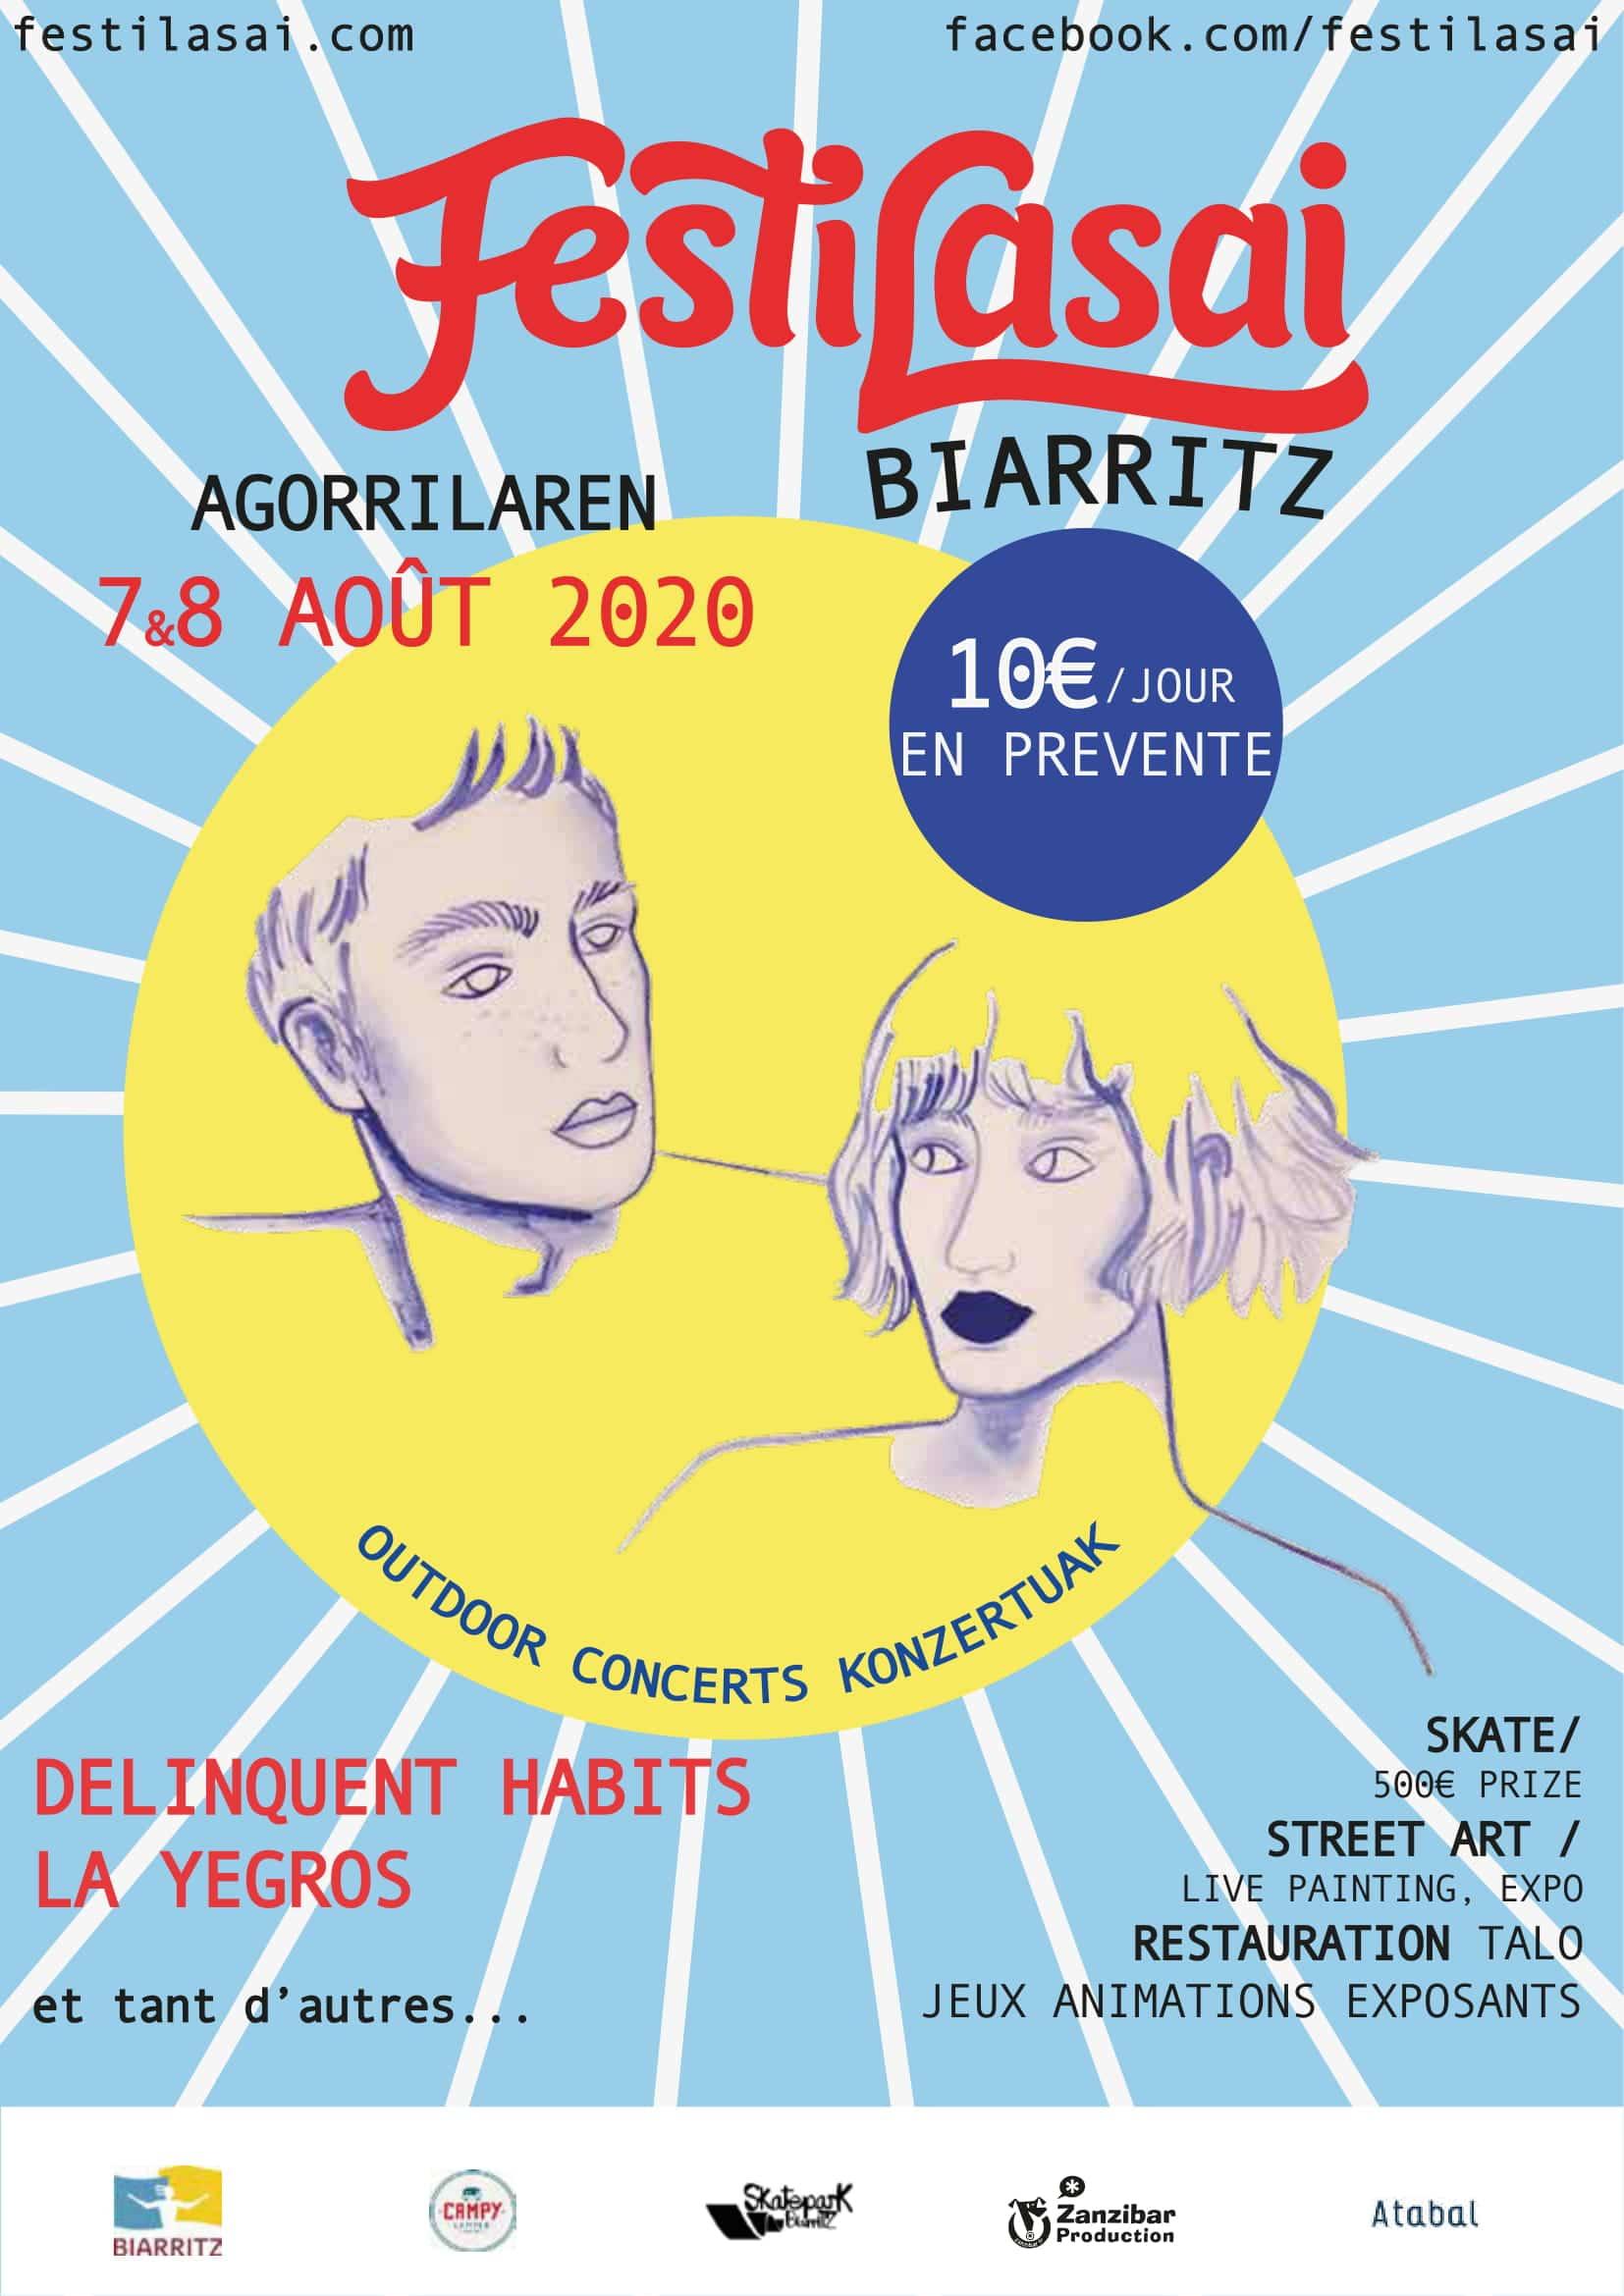 festilasai_affiche_eleonor_gras_A4-1